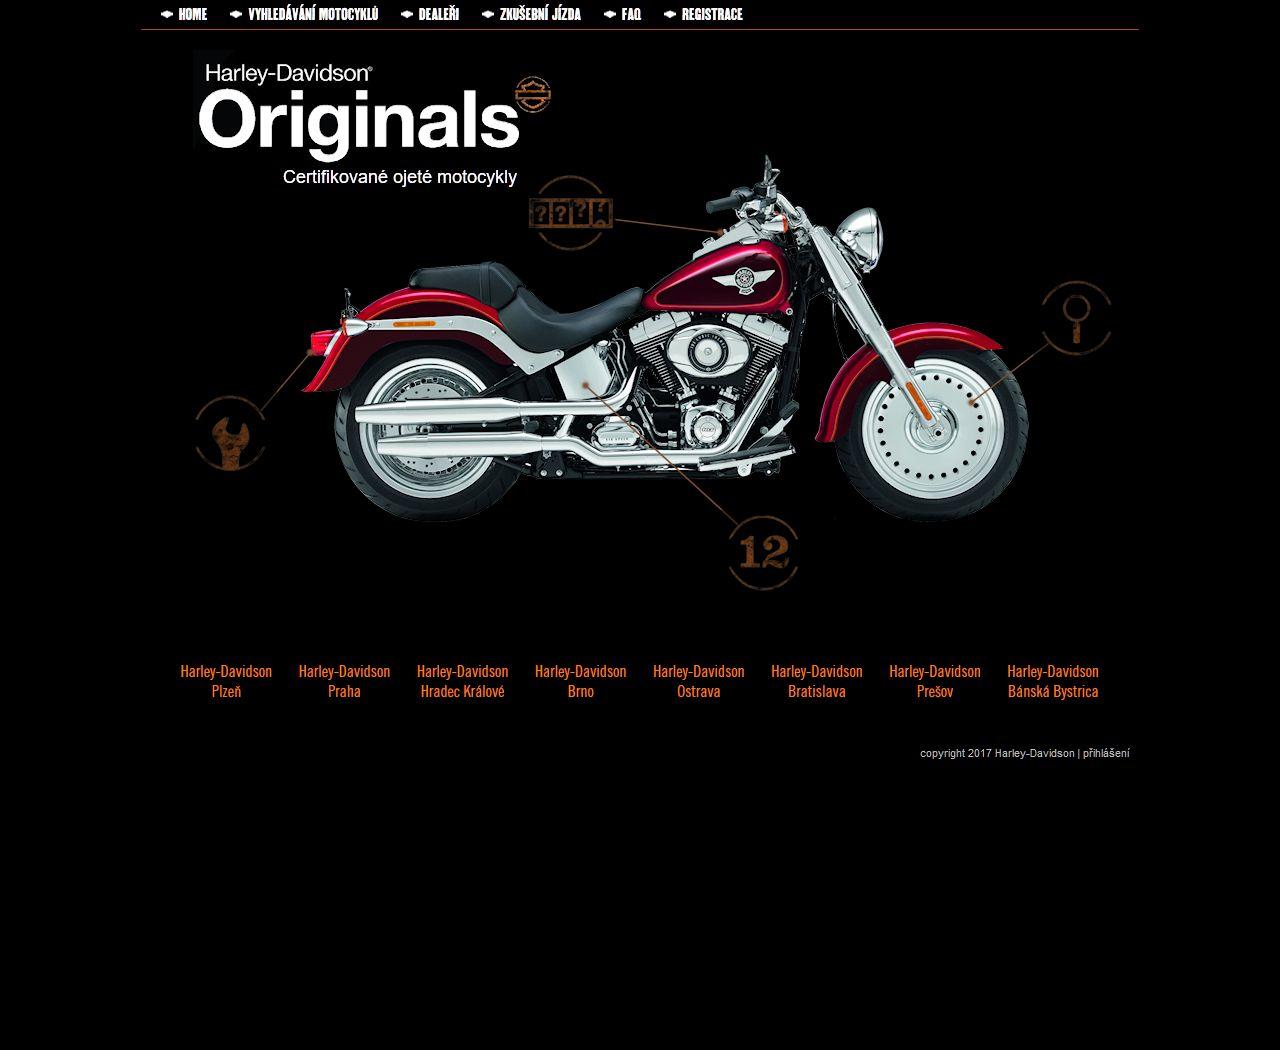 h-d-originals.cz zobrazení pro PC